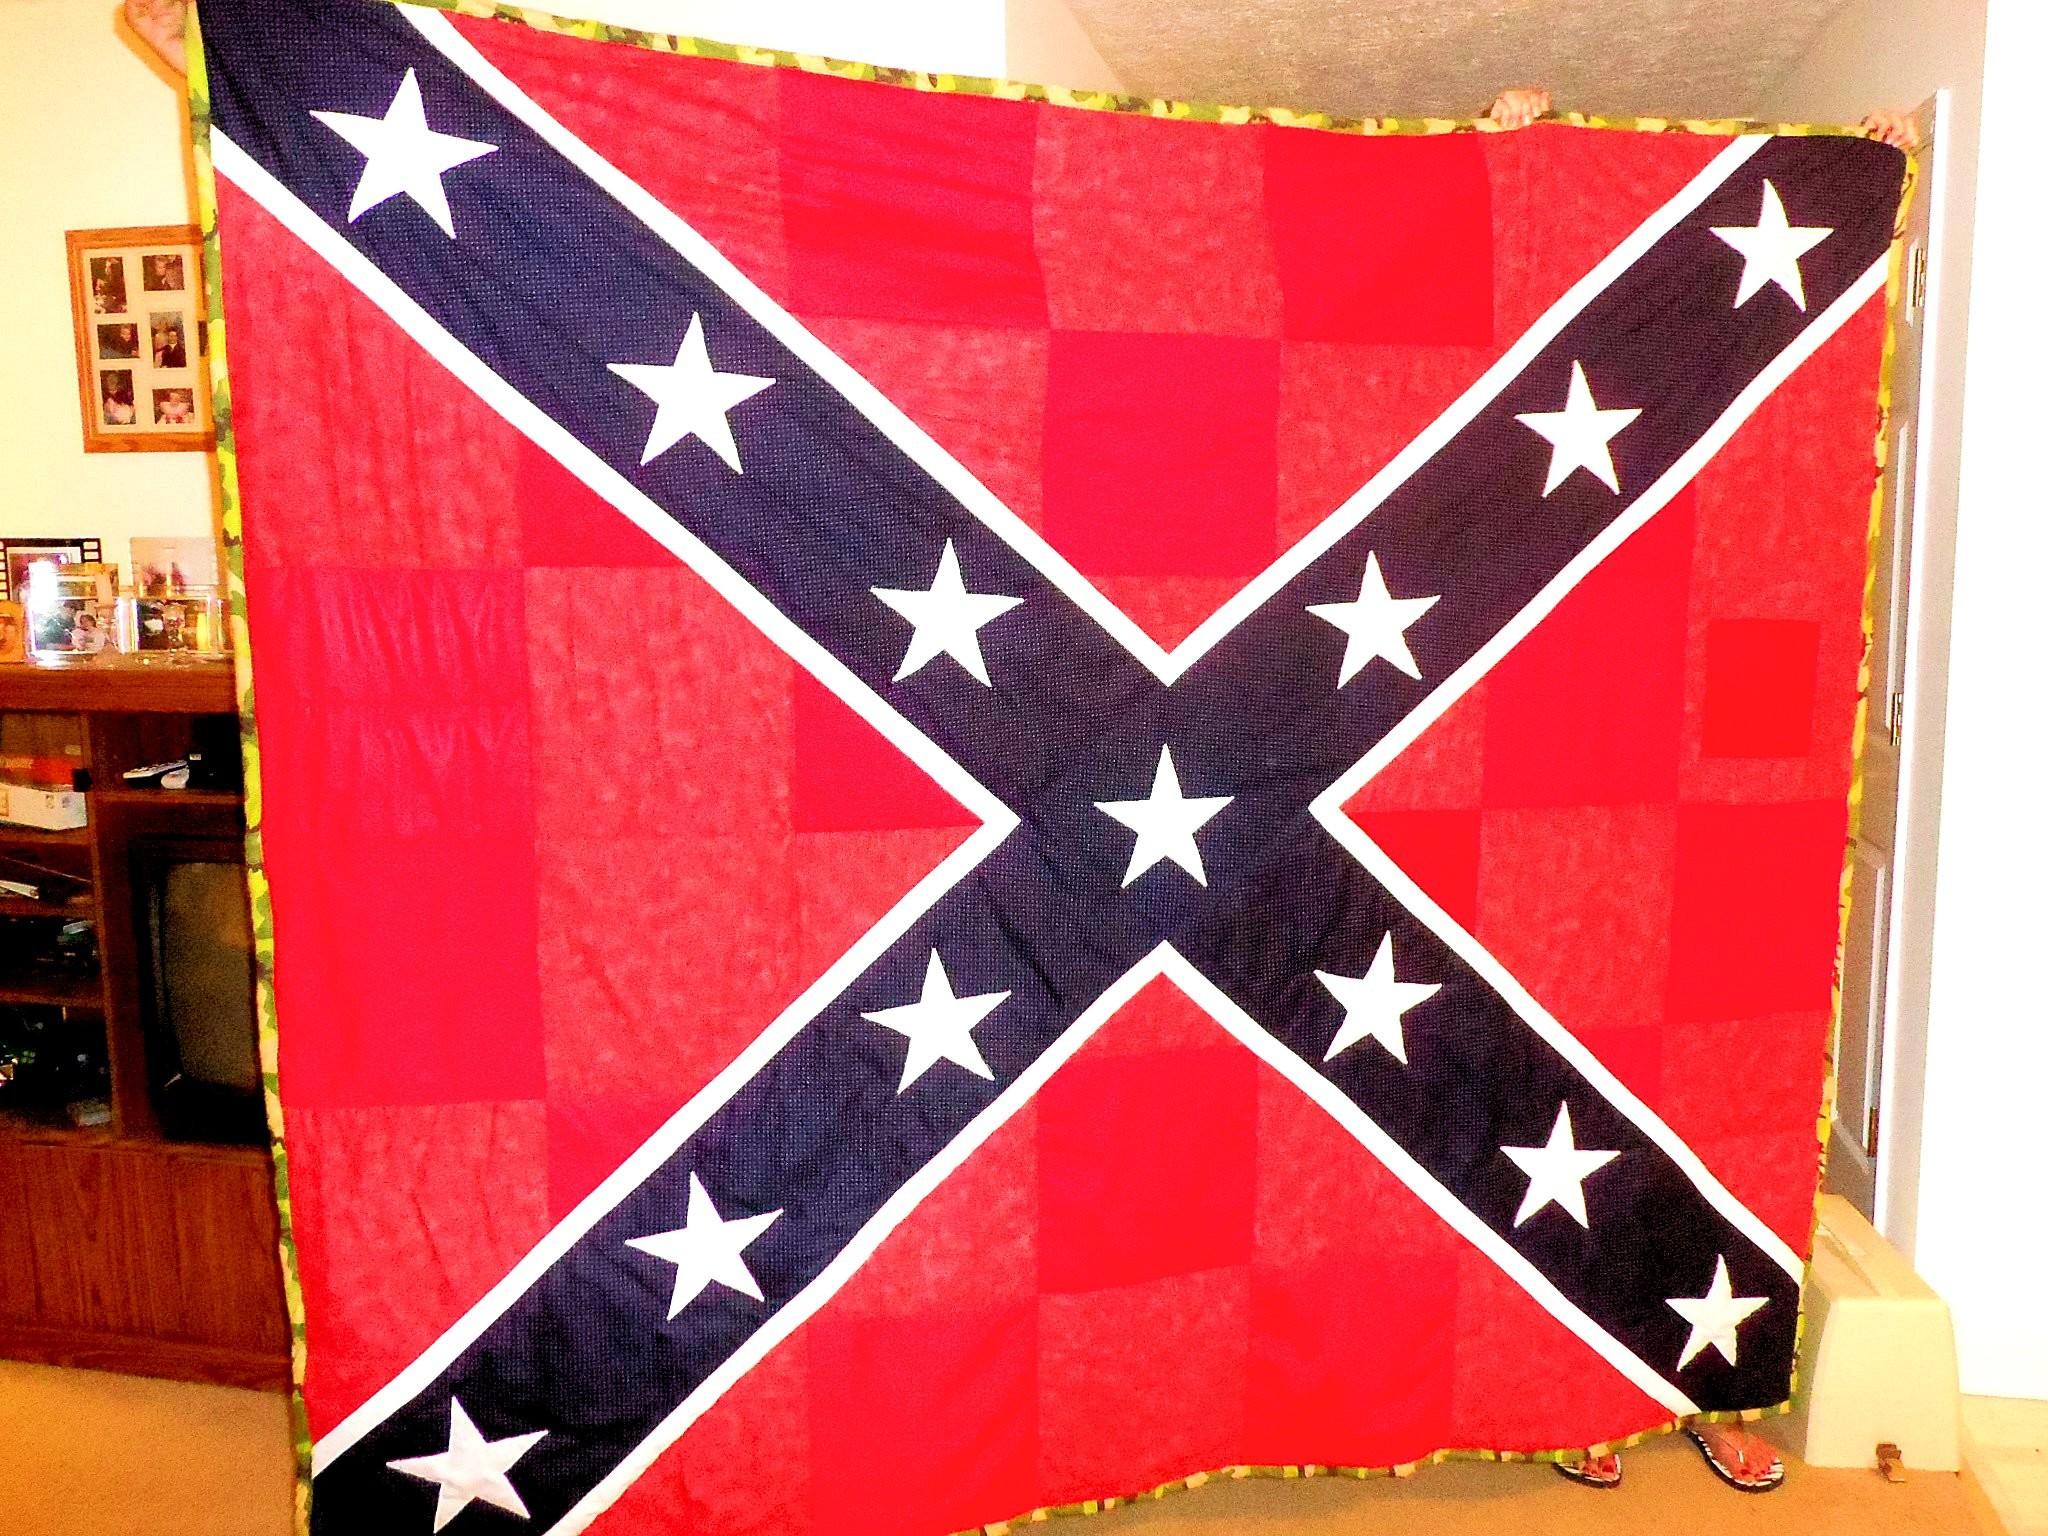 Confederate Flag Wallpaper Hd Rebel Flag Wallpaper Iphone 61 Images